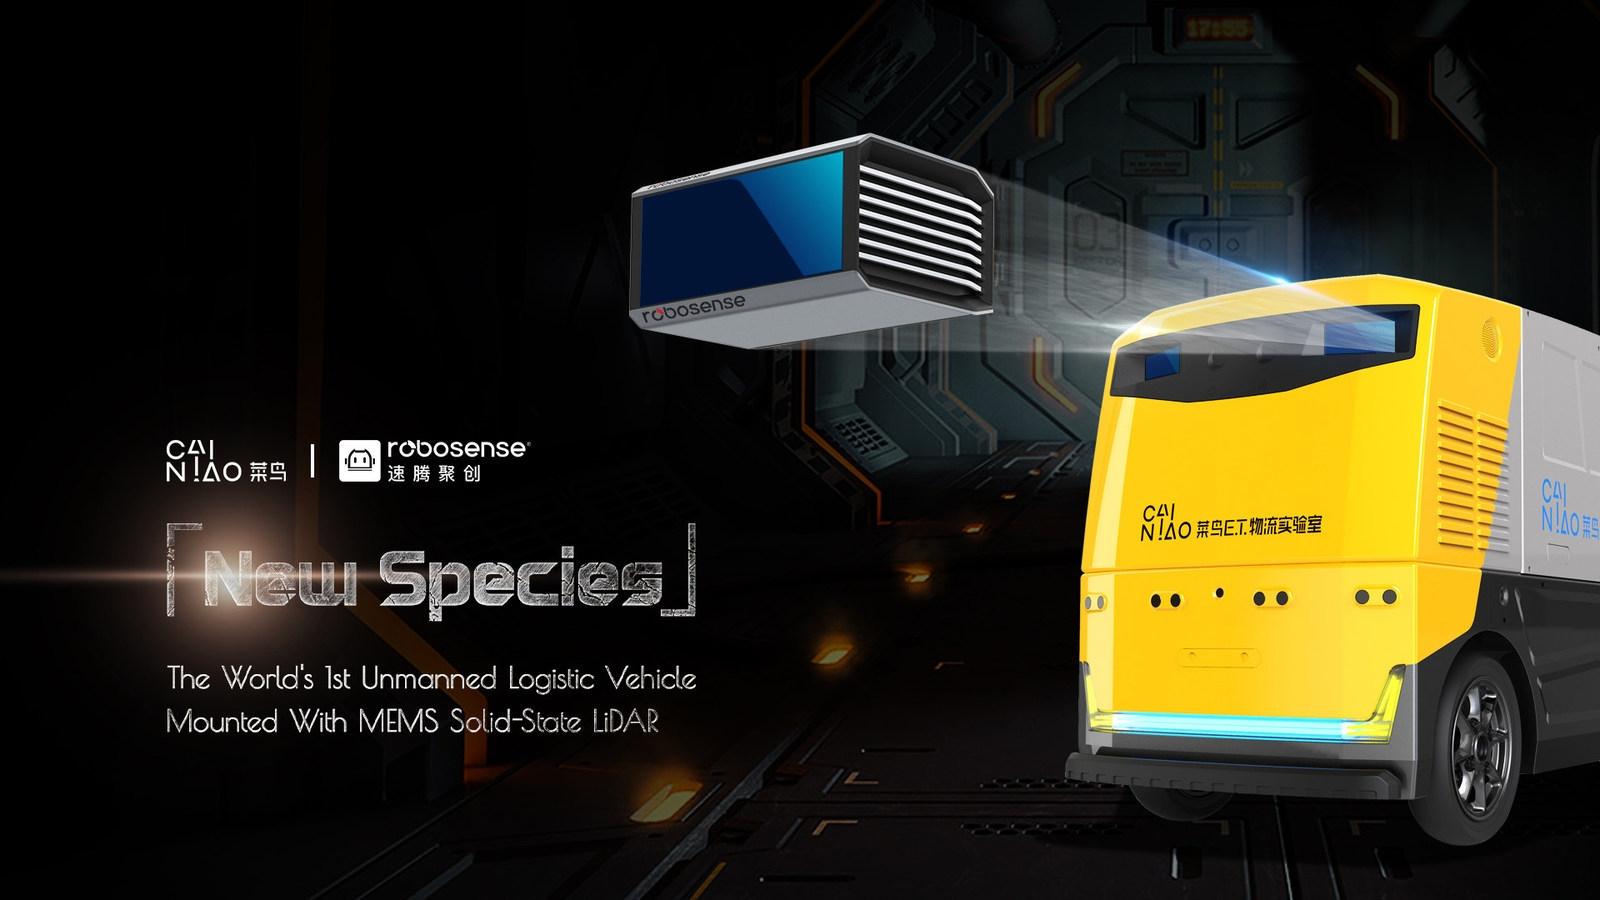 ВAlibaba презентовали беспилотного робота для доставки посылок